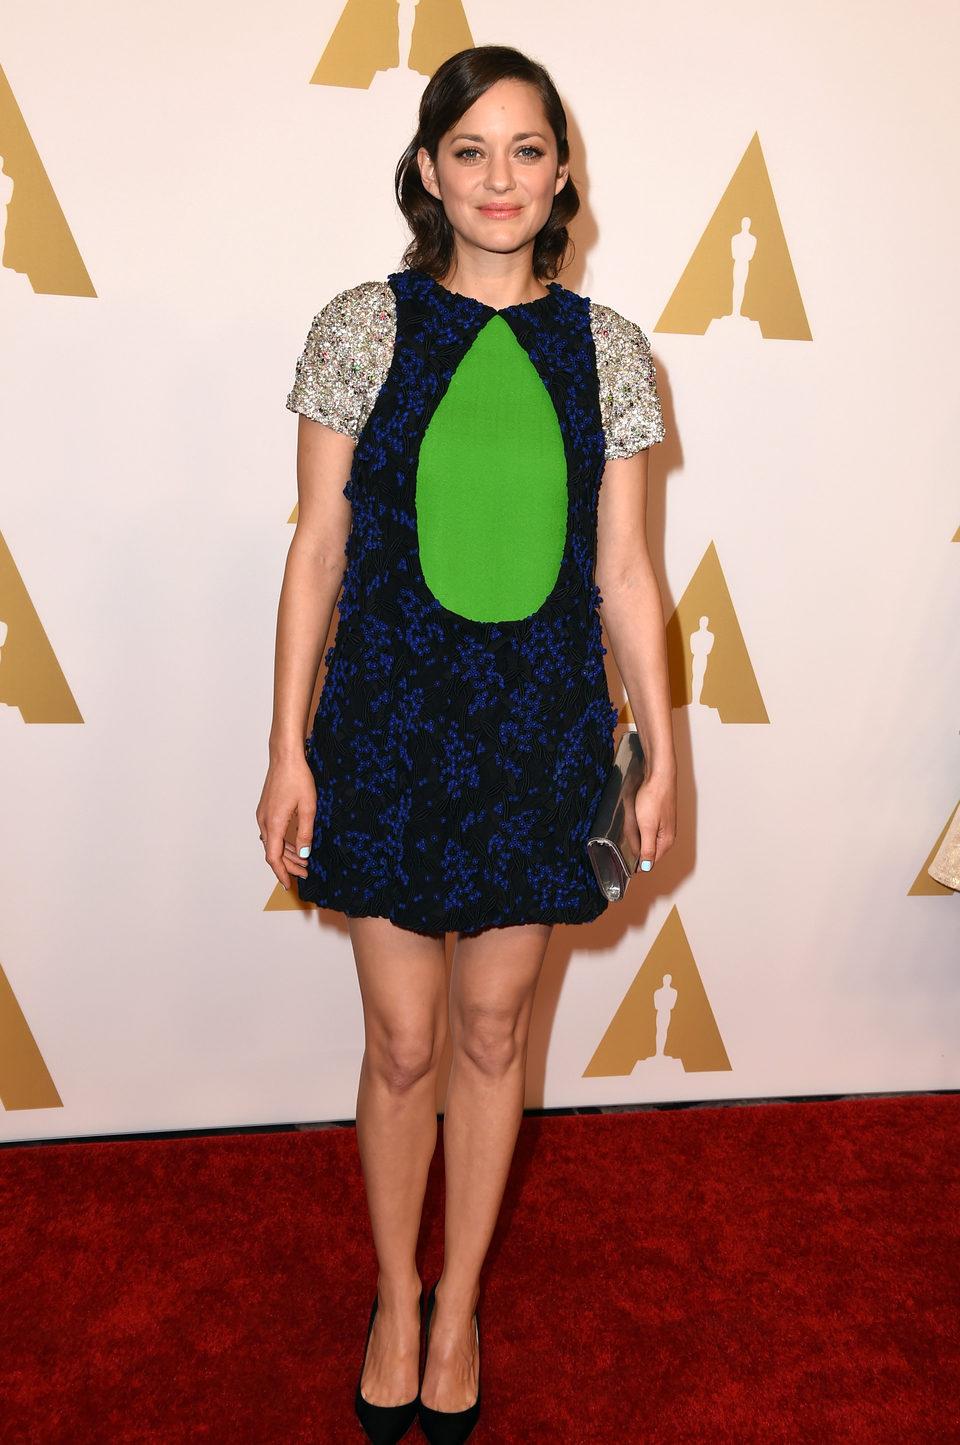 Marion Cotillard en el almuerzo de los nominados a los Oscar 2015